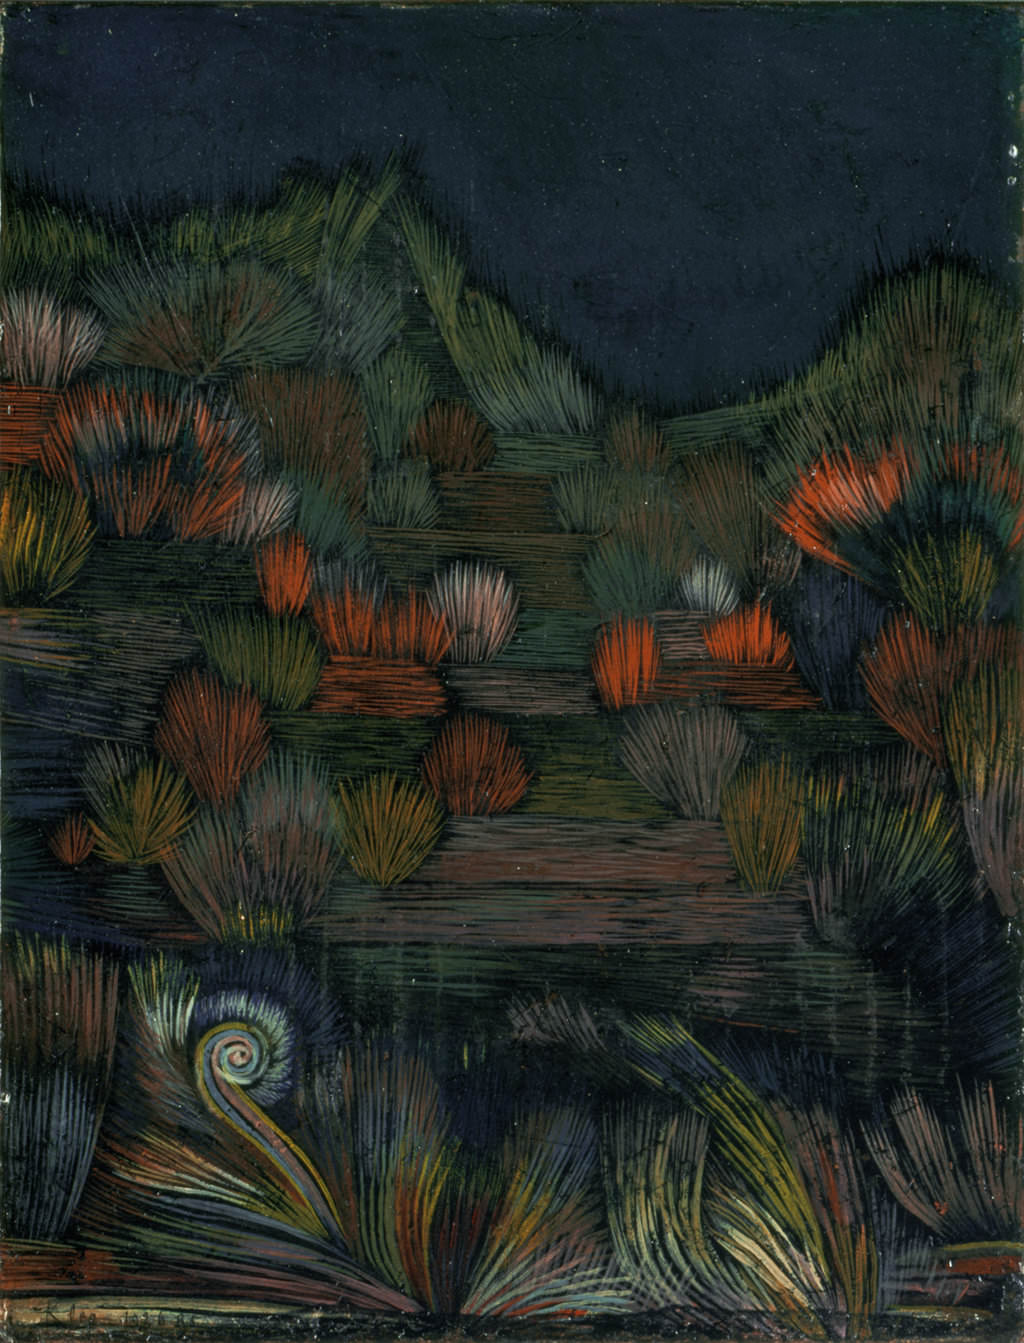 fig. 13 Paul Klee,  kl. Dünenbild  [Small Dune Picture], 1926, 115, Ölfarbe auf Grundierung auf Karton; originale Rahmenleisten, 32,4 x 23,2 cm, The Menil Collection, Houston, © The Menil Collection, Houston